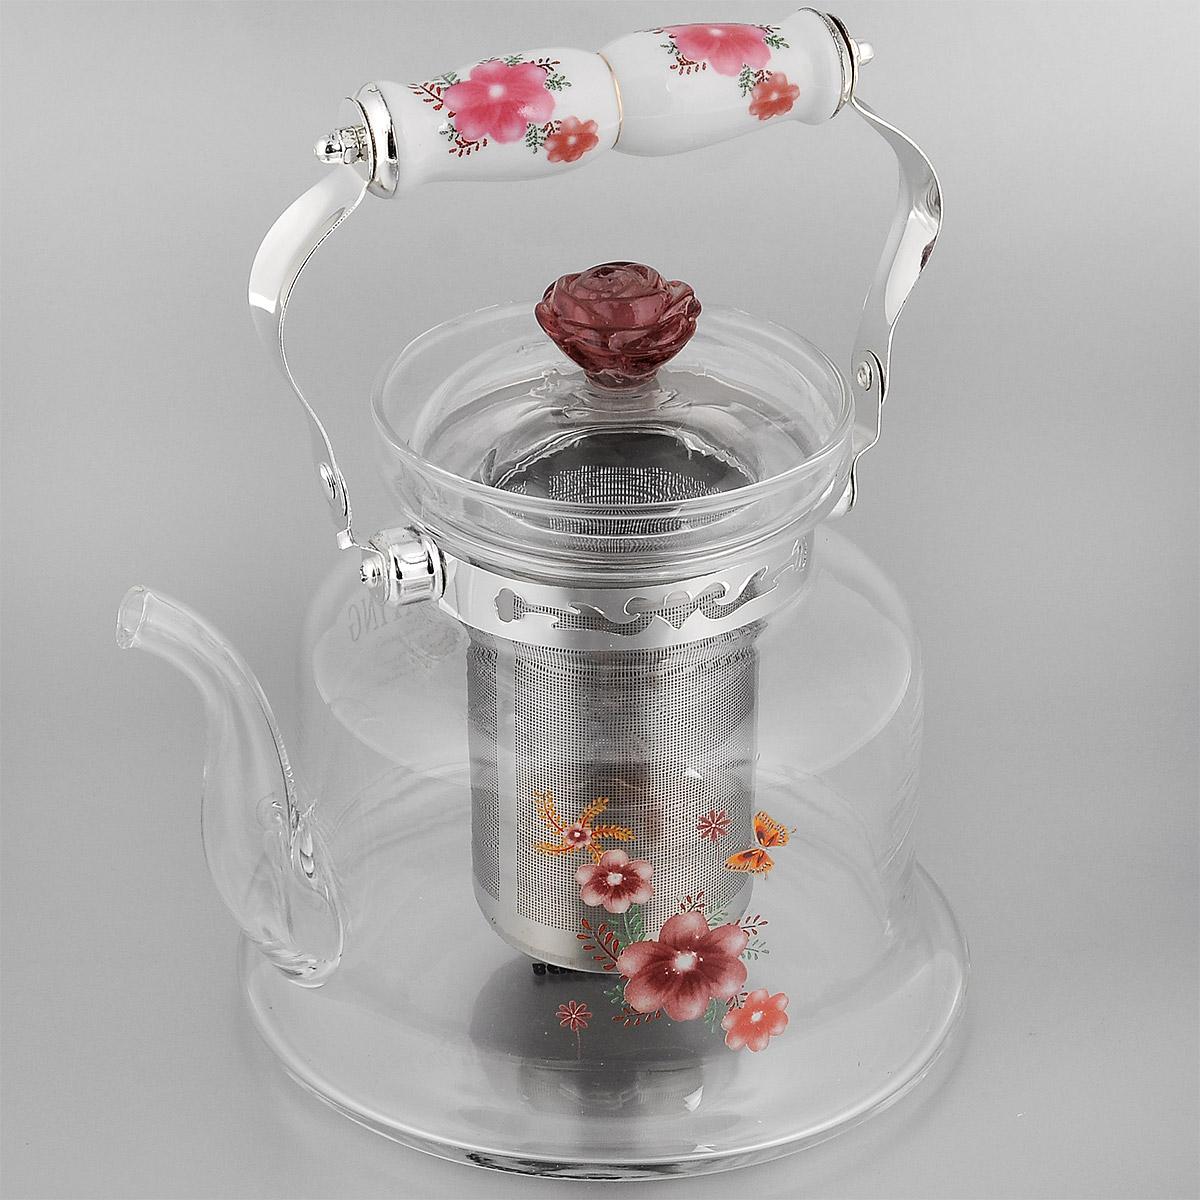 Чайник заварочный Bekker Koch, цвет: красный, 1,4 л. ВК-7620115510Заварочный чайник Bekker Koch выполнен из жаростойкого стекла, которое хорошо удерживает тепло. Ручка и съемное ситечко внутри чайника выполнены из высококачественной нержавеющей стали. Высокая ручка чайника, снабженная фарфоровой насадкой, позволяет с легкостью удерживать его на весу. Съемное ситечко для заварки предотвращает попадание чаинок и листочков в настой. Заварочный чайник украшен изящным рисунком, что придает ему элегантность. Заварочный чайник из стекла удобно использовать для повседневного заваривания чая практически любого сорта. Но цветочные, фруктовые, красные и желтые сорта чая лучше других раскрывают свой вкус и аромат при заваривании именно в стеклянных чайниках и сохраняют полезные ферменты и витамины, содержащиеся в чайных листах.Высота чайника (без учета ручки и крышки): 17,5 см.Размер съемного ситечка: 9 см х 9 смх 11 см.Диаметр чайника (по верхнему краю): 9,5 см.